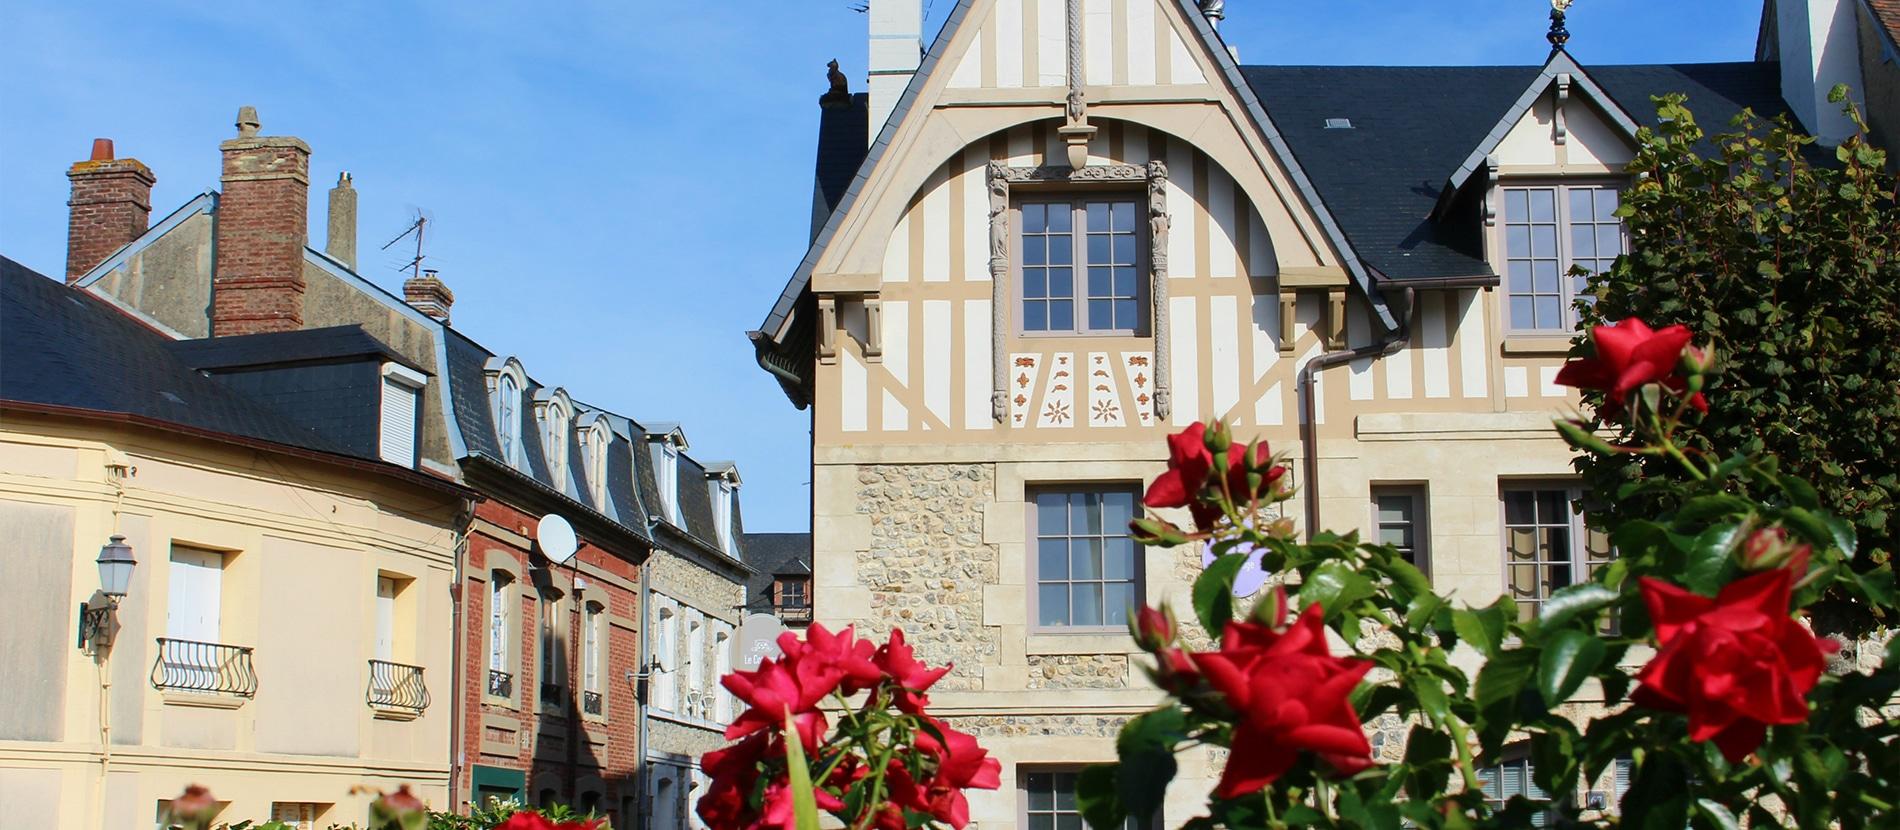 Architecture de Villerville dans le Calvados en Normandie